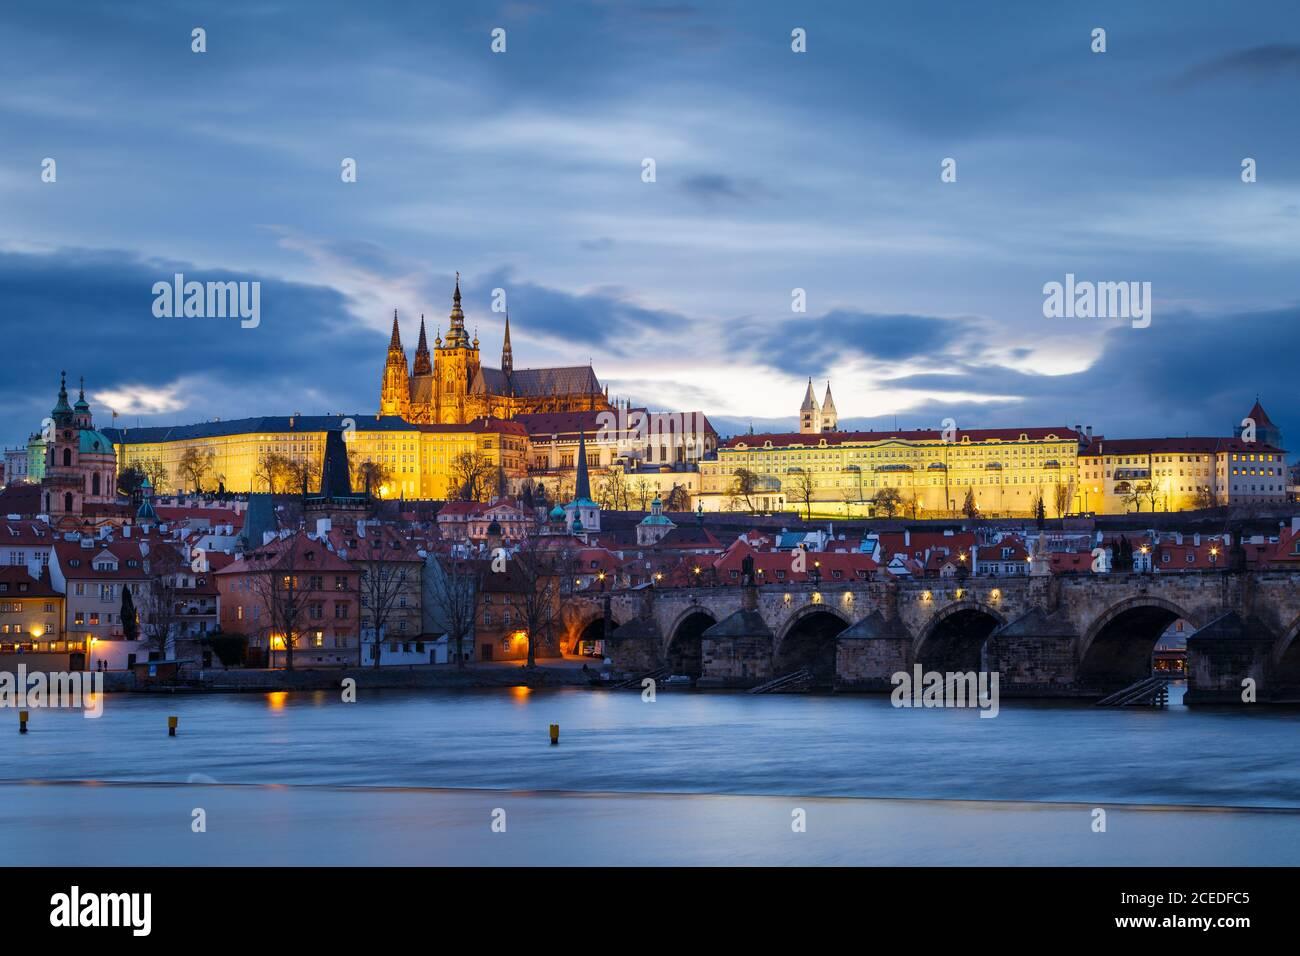 Soir vue sur le château de Prague sur la rivière Vltava. Banque D'Images